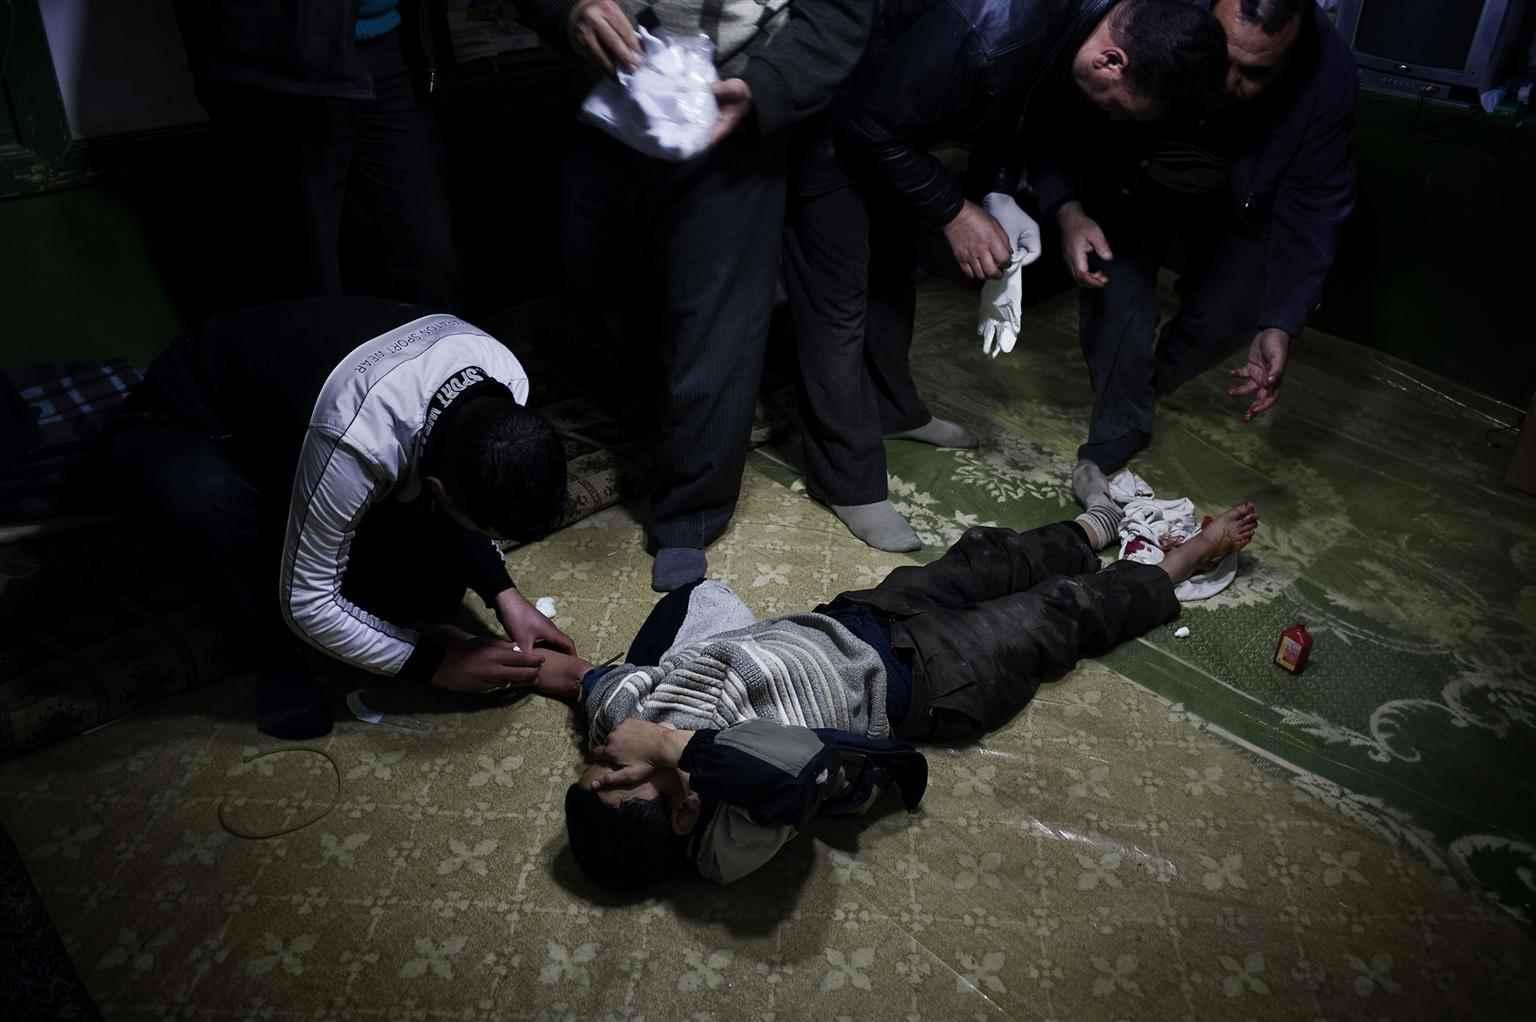 طفل يتلقى الإسعافات الأولية بعد أن أصيب بطلق ناري من قبل قناص في سوريا- كانون الثاني عام  2012 (يونيسيف)